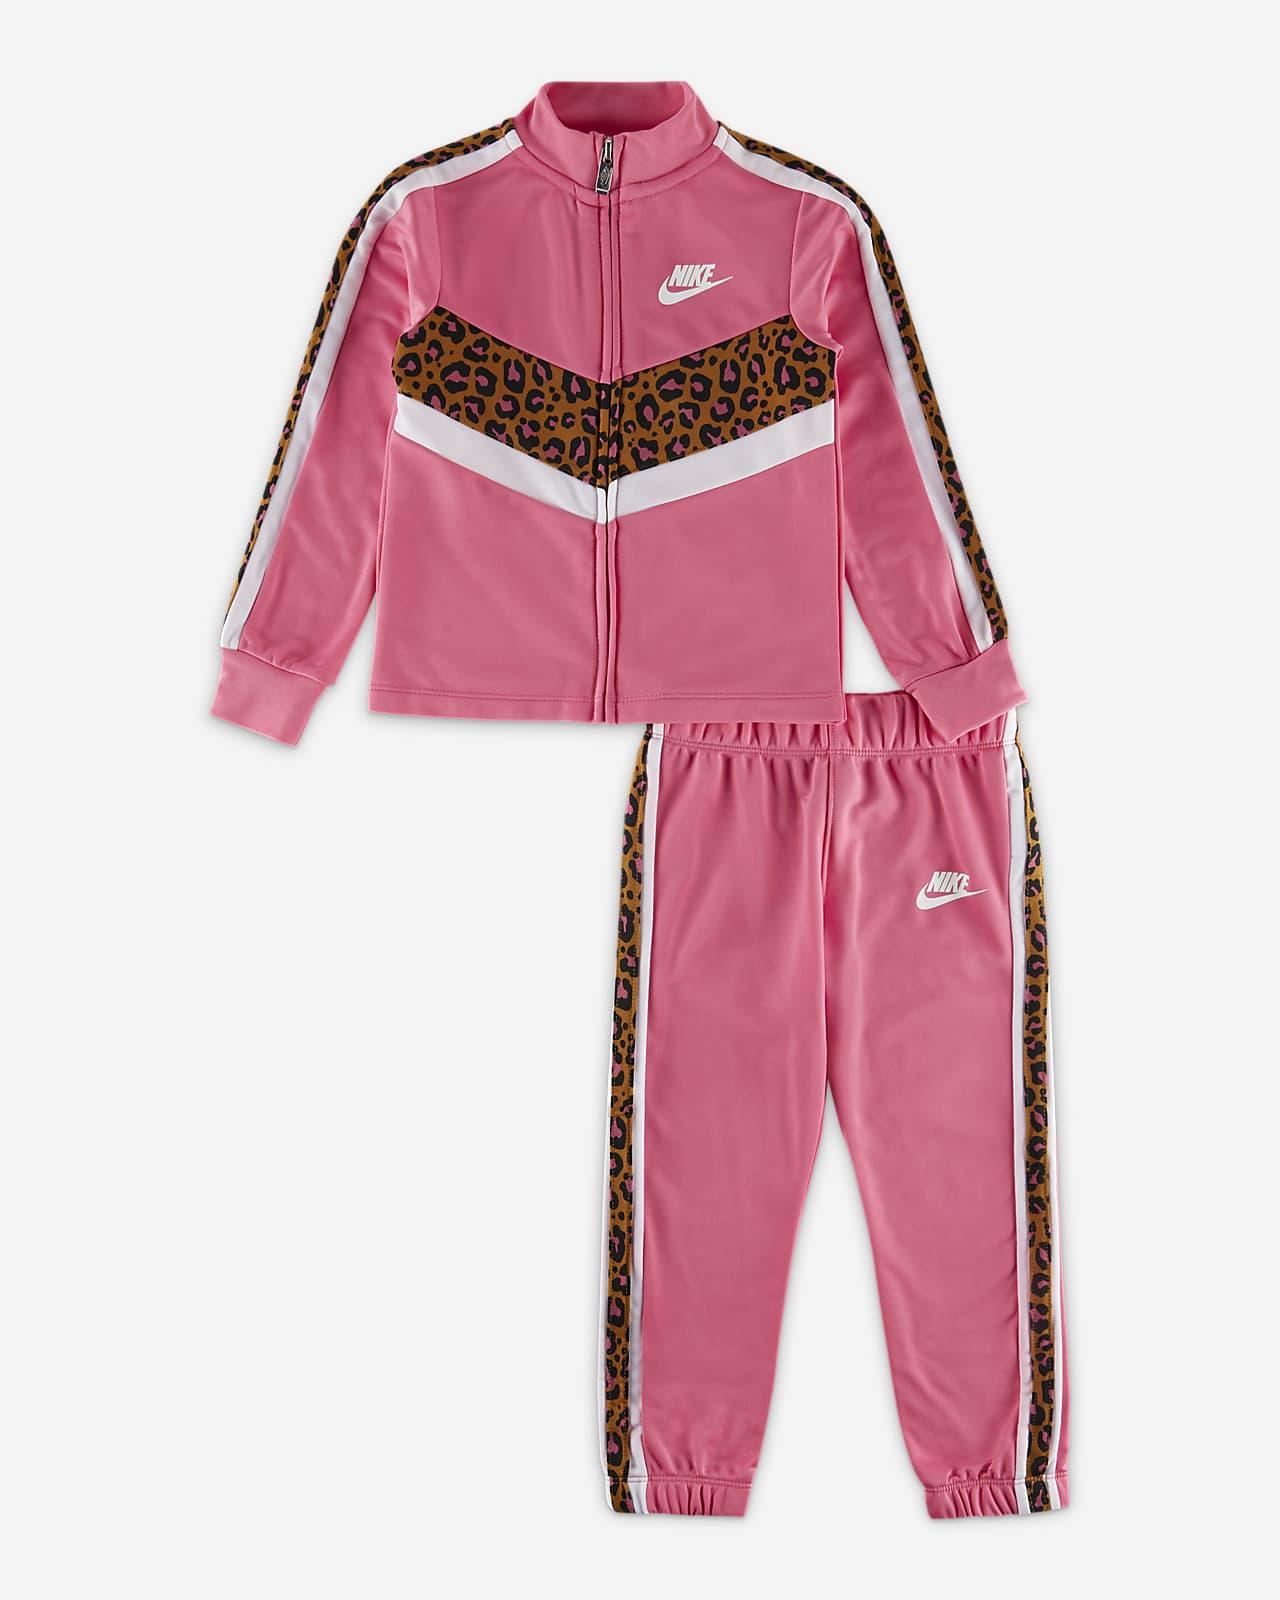 Φόρμα Nike για μικρά παιδιά